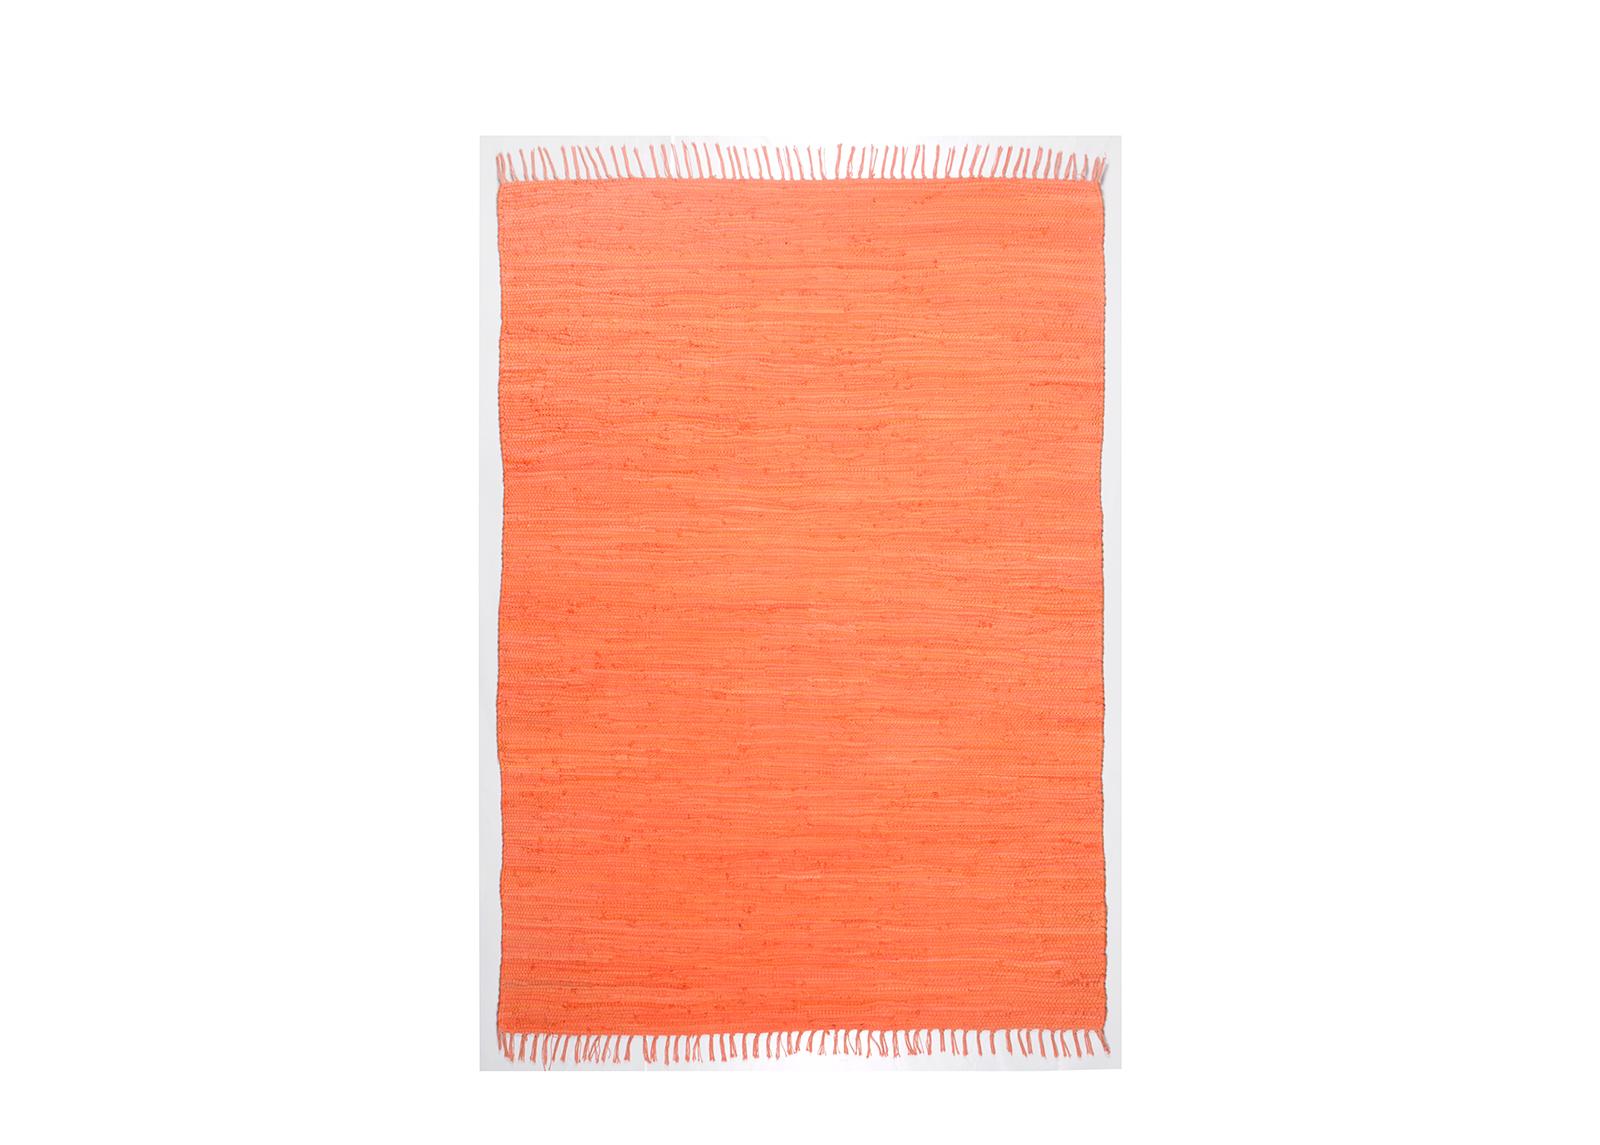 Matto Happy Cotton 70x250 cm, terra